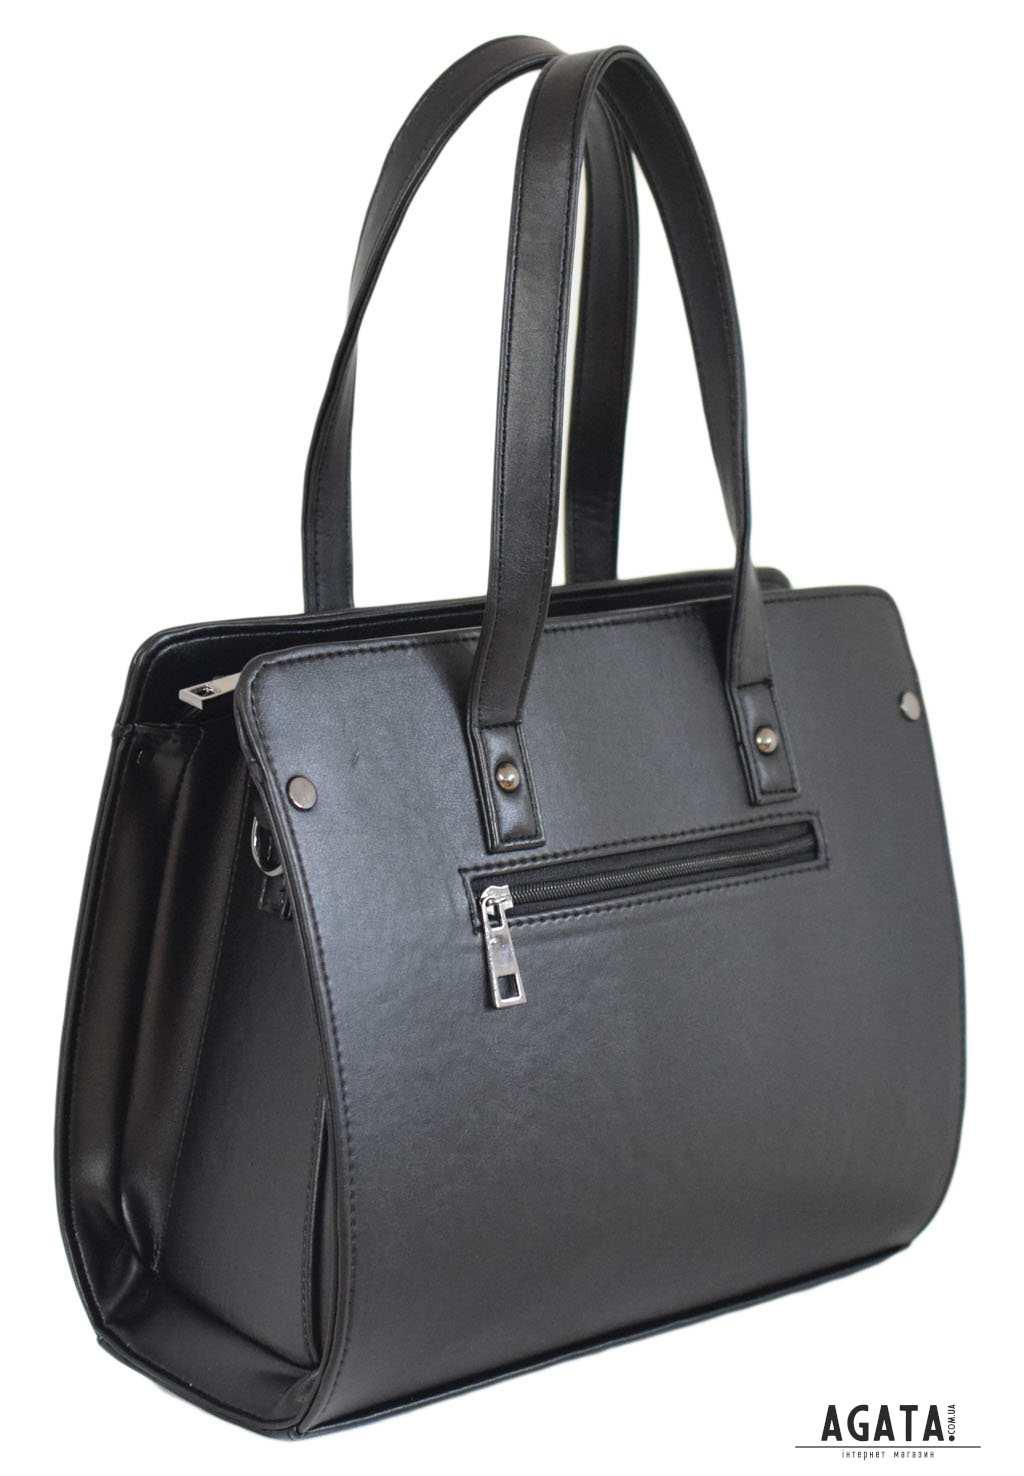 71cf60f471305b Виготовлена з високоякісного Вишукана каркасна сумка класичного стилю  створена українським виробником ТМ